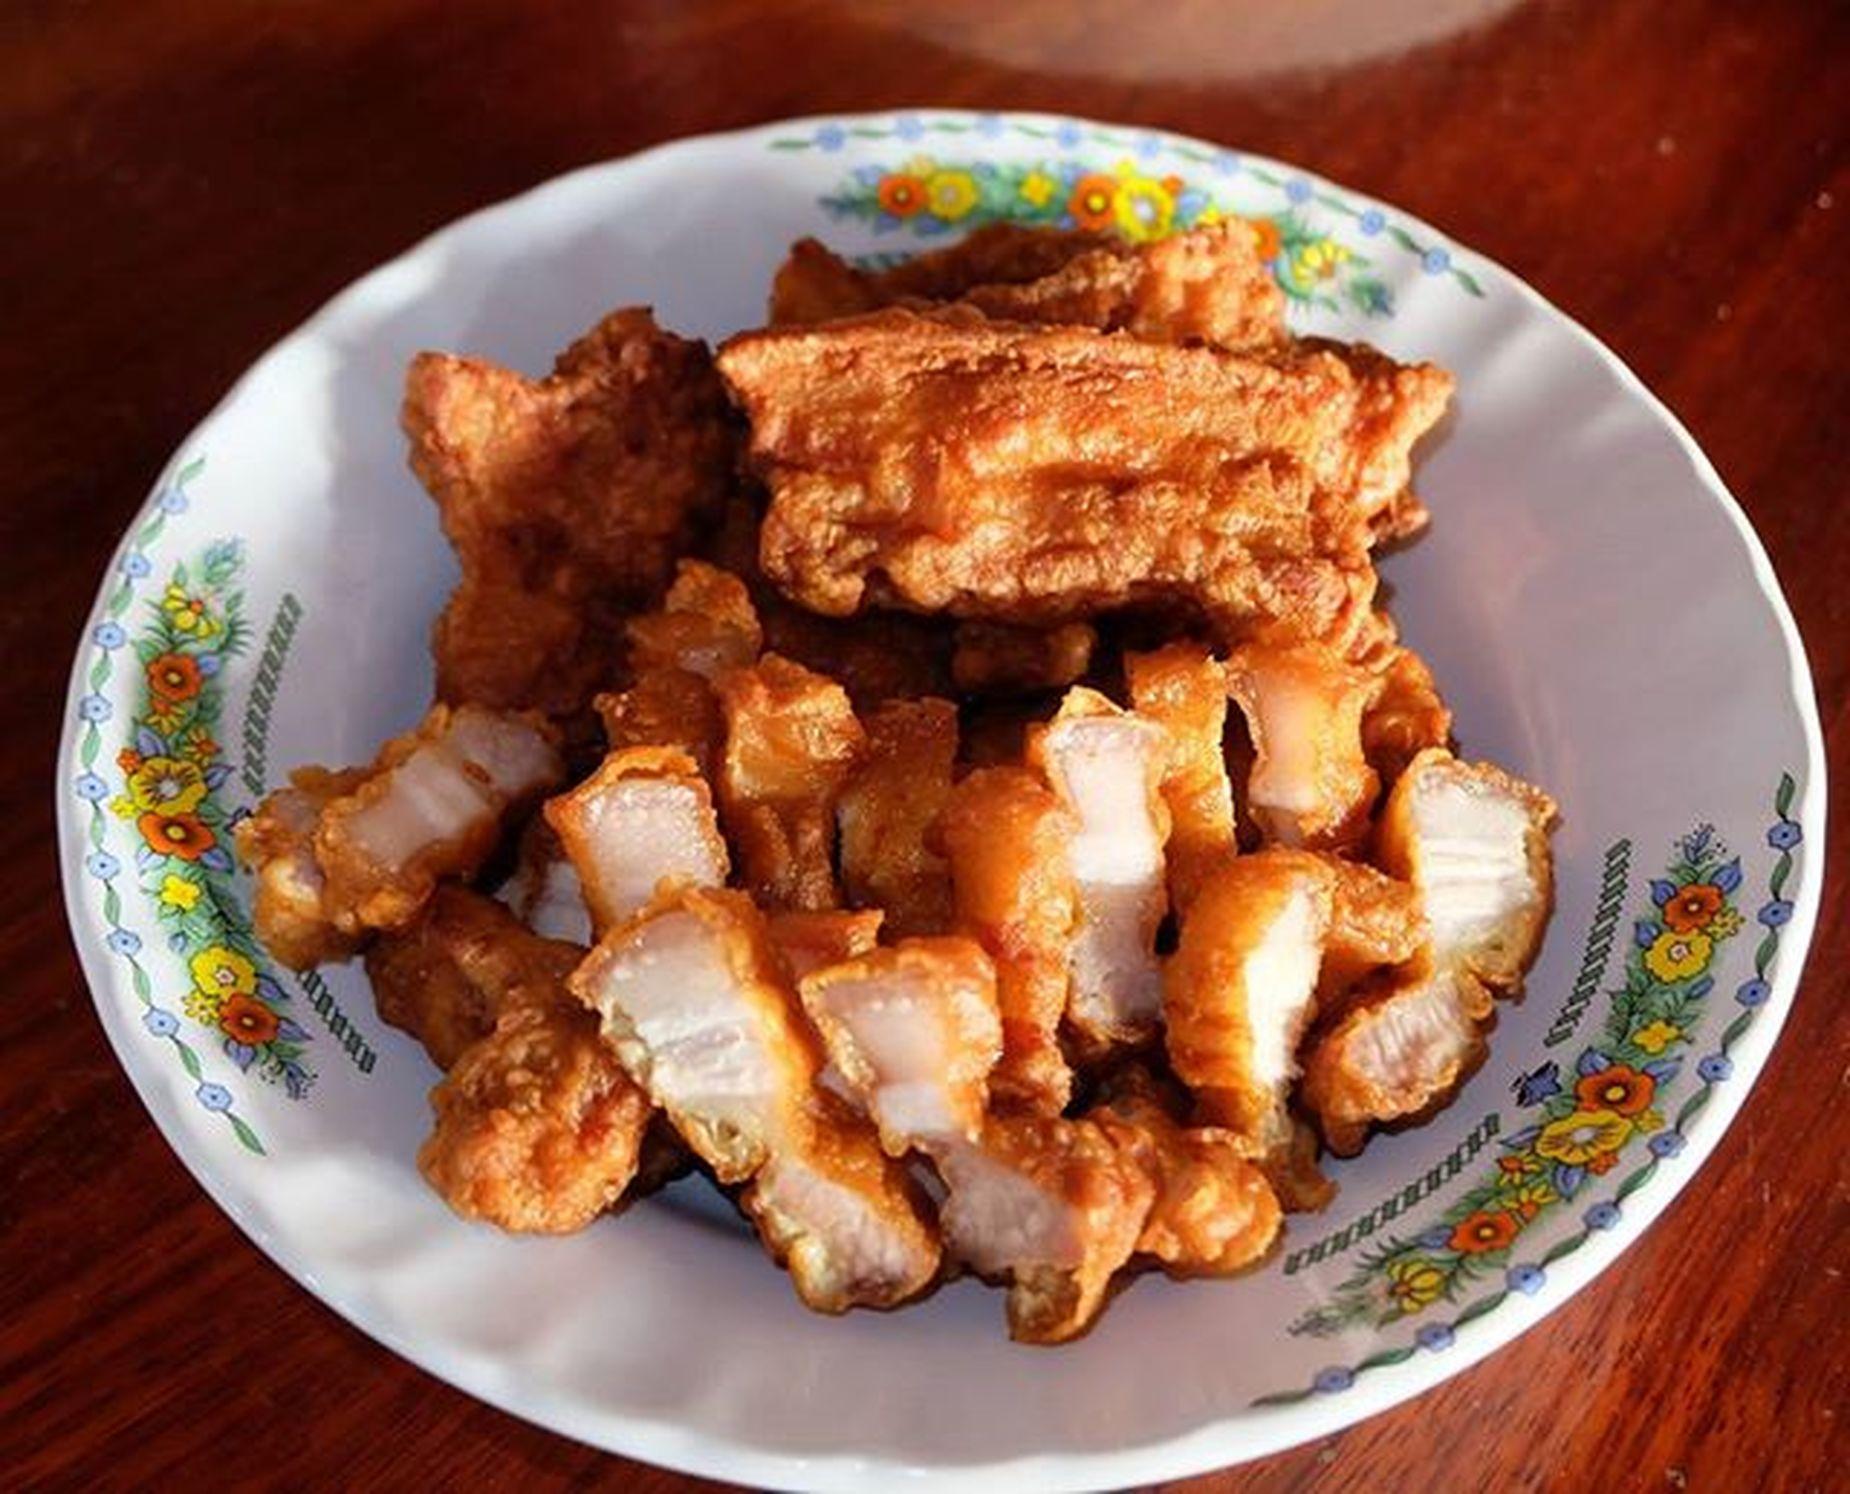 อาหารเย็นหมูสามชั้นทอดน้ำปลา ครัวคุณเฟร็ก เมนูที่2 Fujixseriesthailand